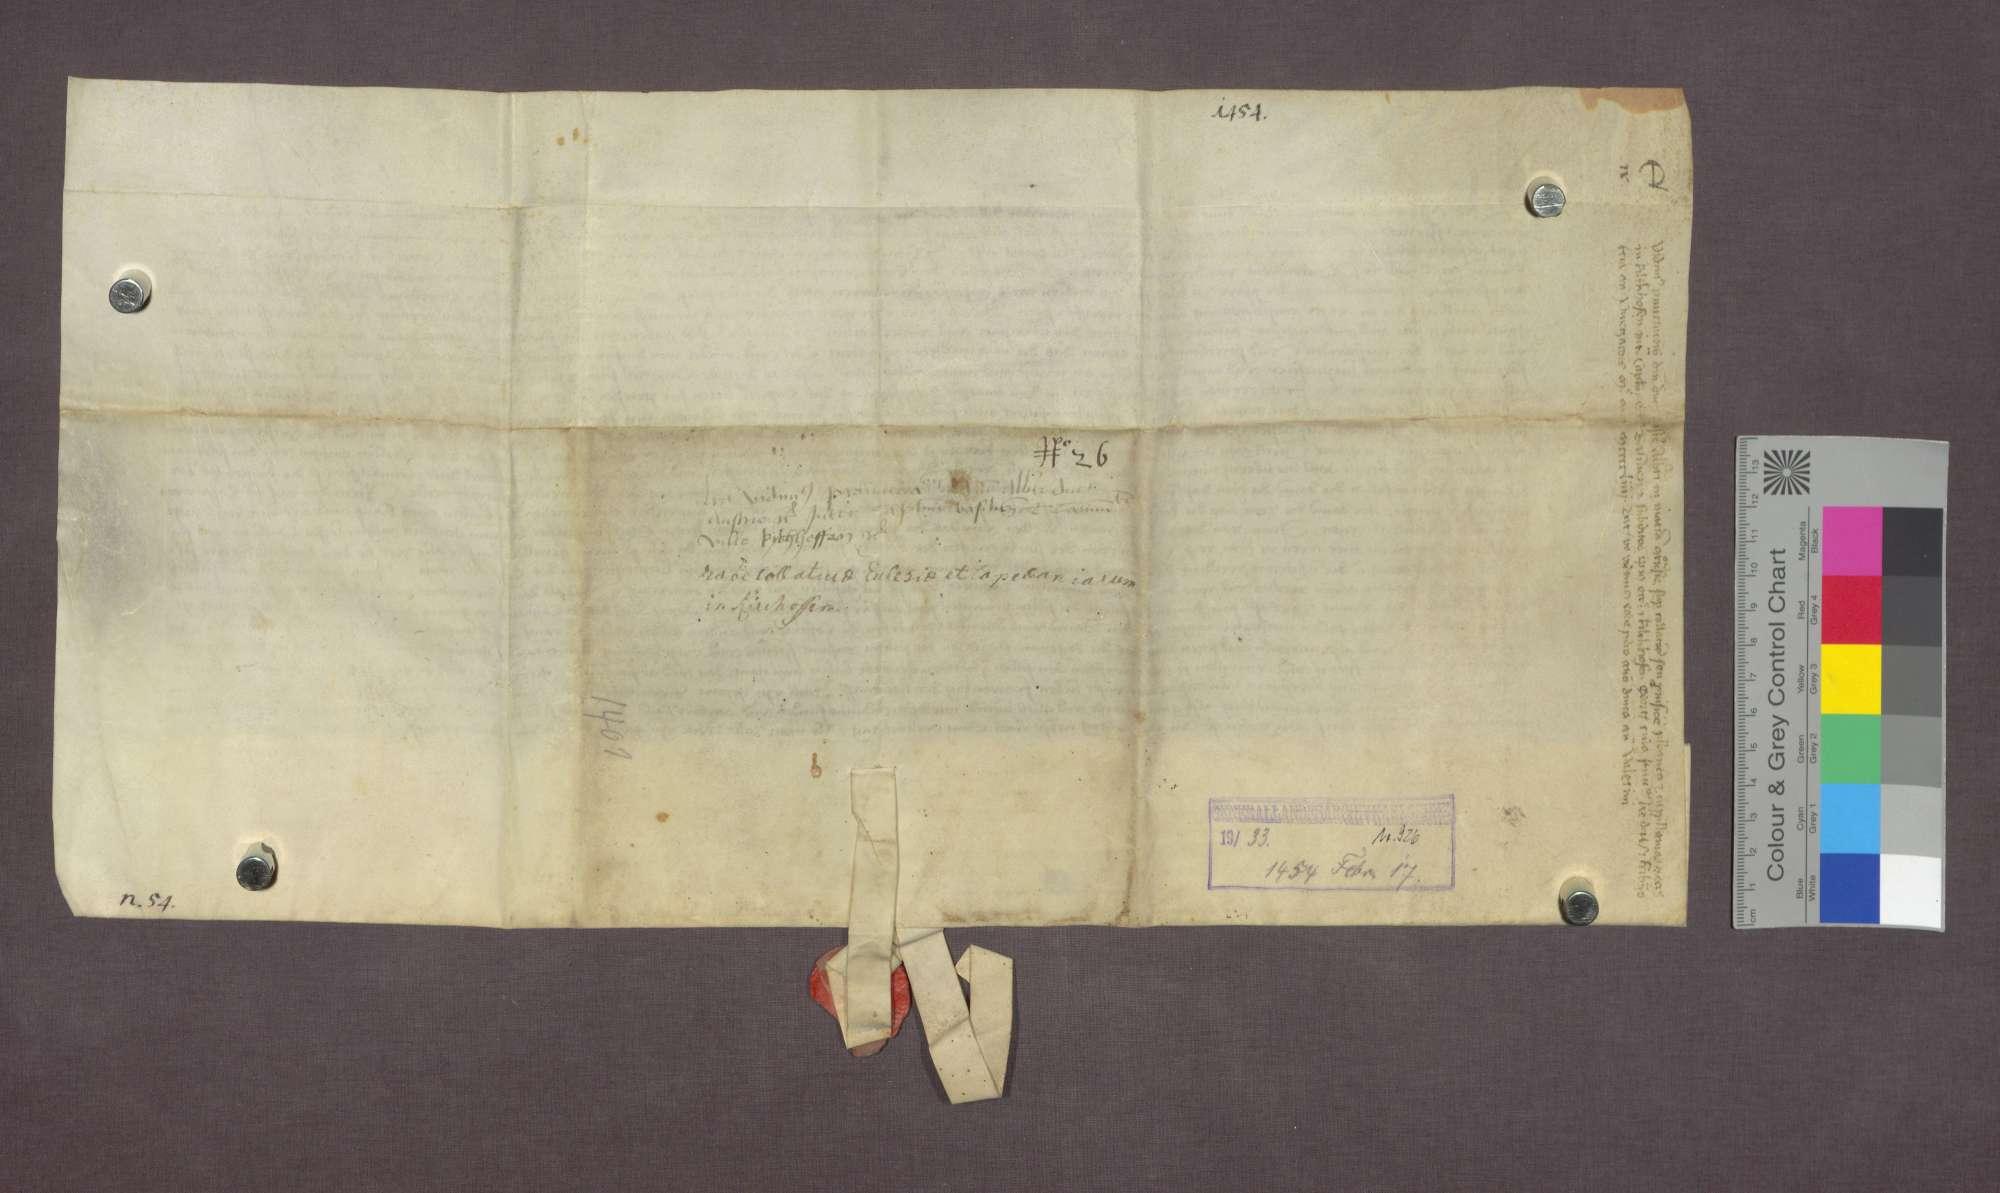 Vidimus der Entscheidung Erzherzog Albrechts von Österreich von 1454 Januar 29., Bild 2